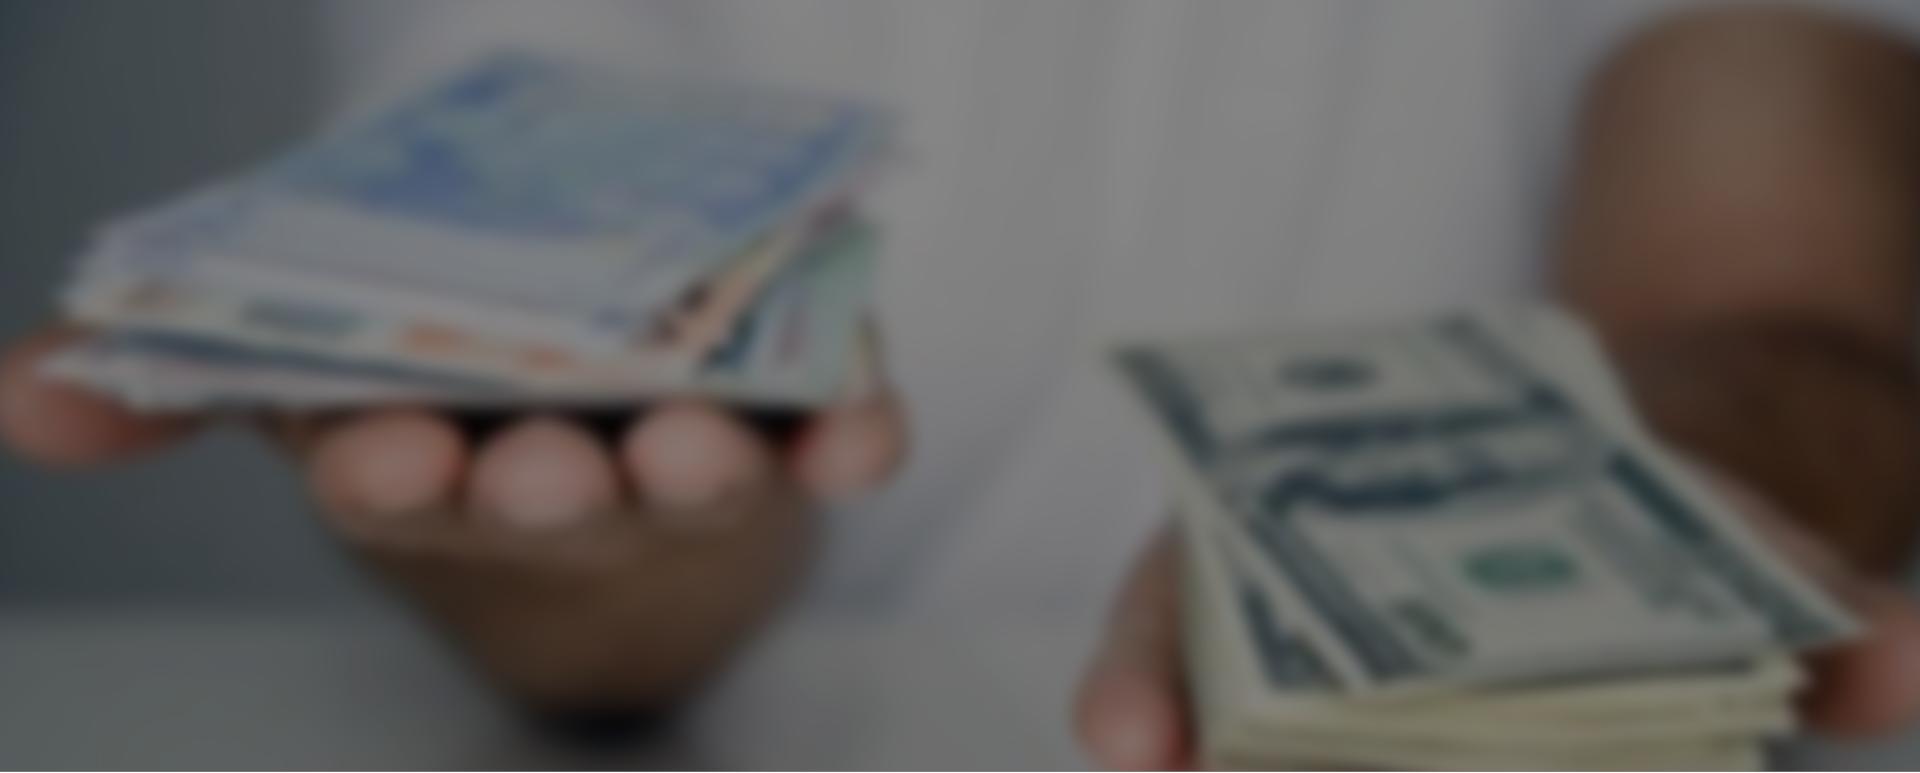 Потребительский кредит без справок в тольятти микрозаймы на сберкнижку срочно онлайн без отказов